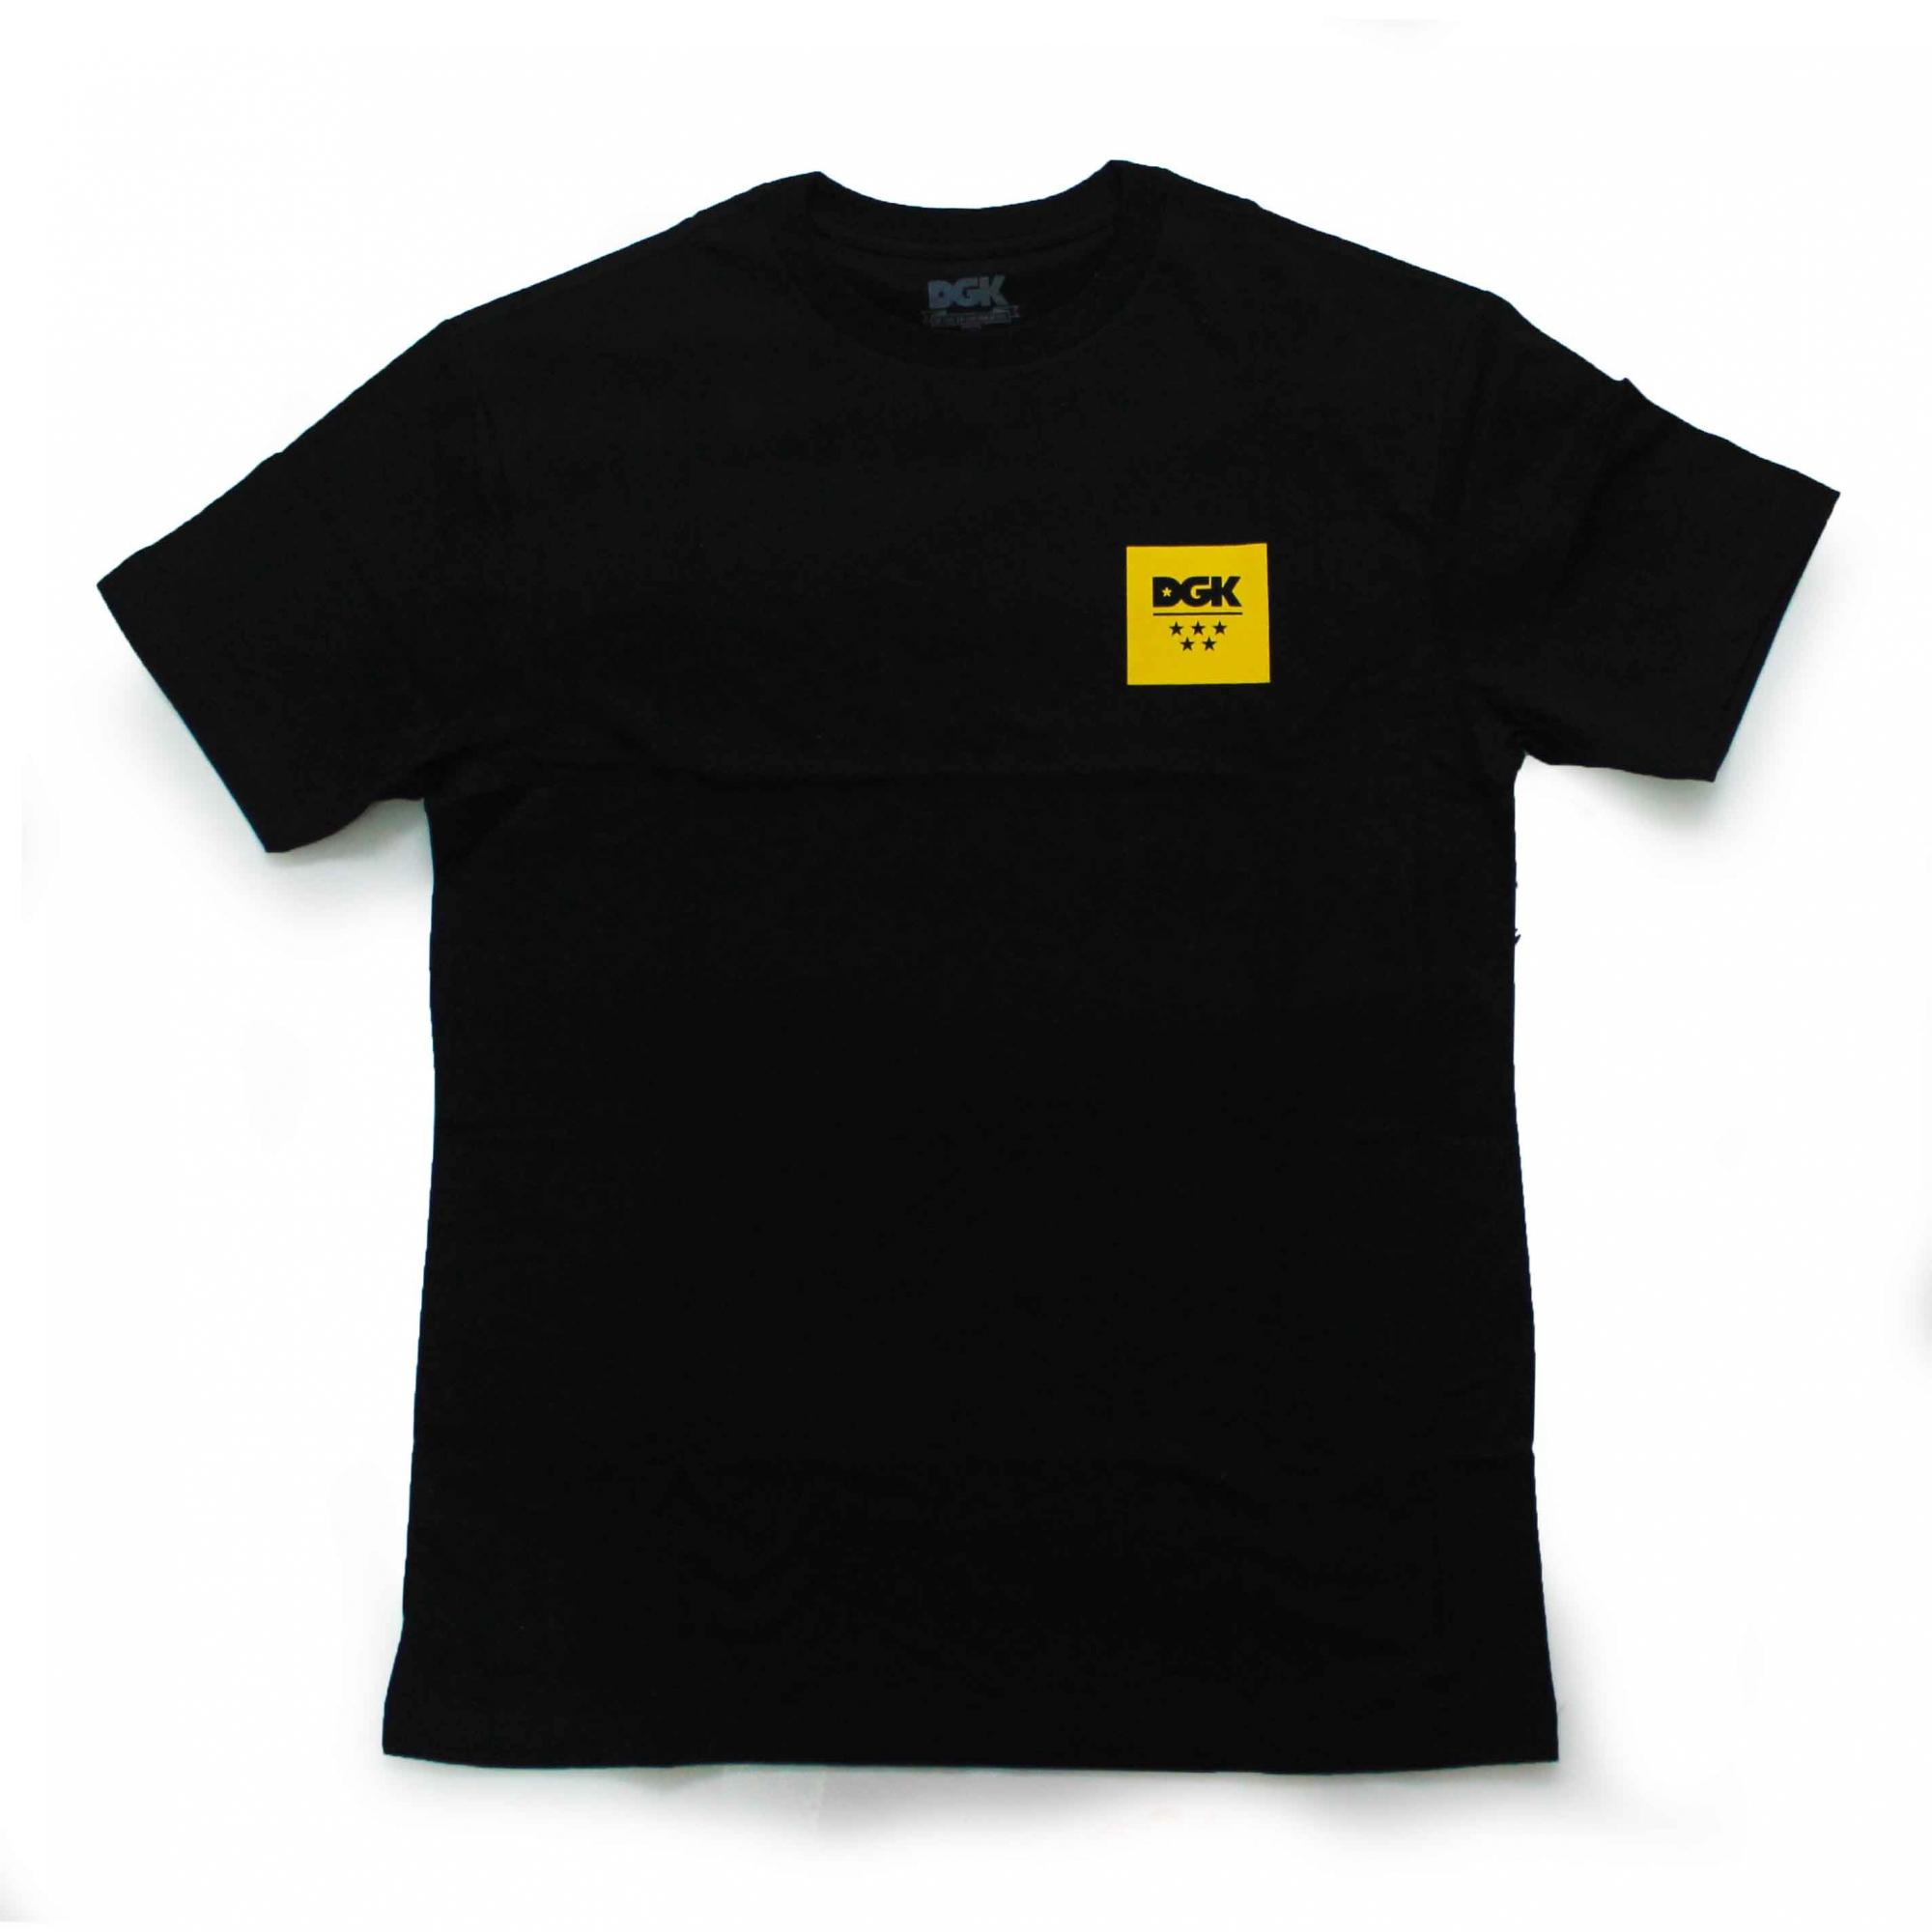 Camiseta DGK New Square - Preto